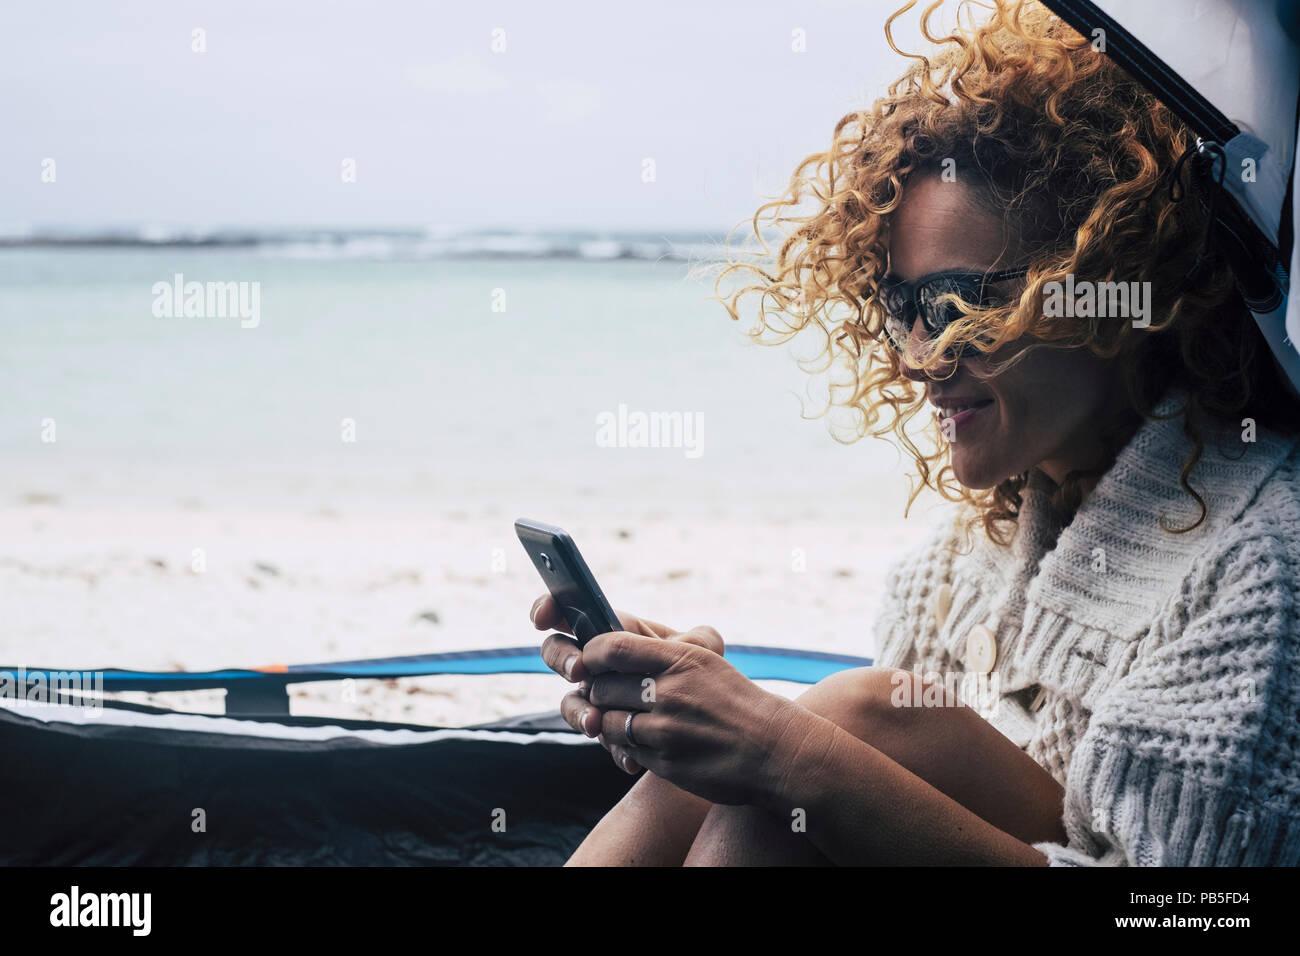 Gut gelaunt Reisende Dame mit gelocktem Haar im Wind auf dem Smartphone enjoyng das Zelt im Freien am Strand schreiben. Blick auf das Meer im Hintergrund. Paradies Ferienhäuser c Stockbild